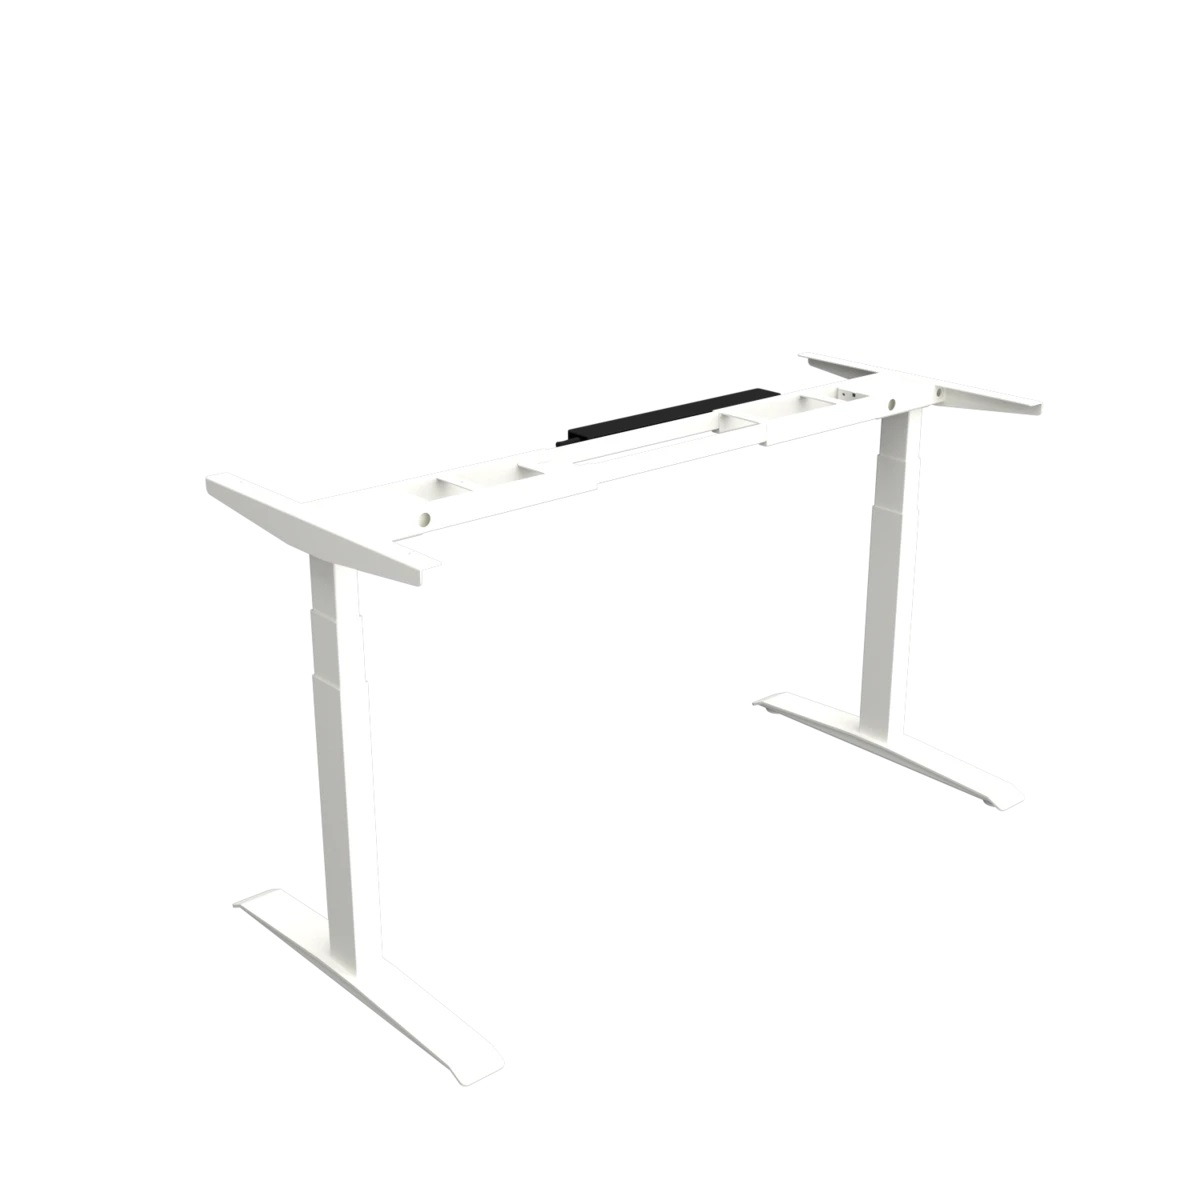 Table Leg - White